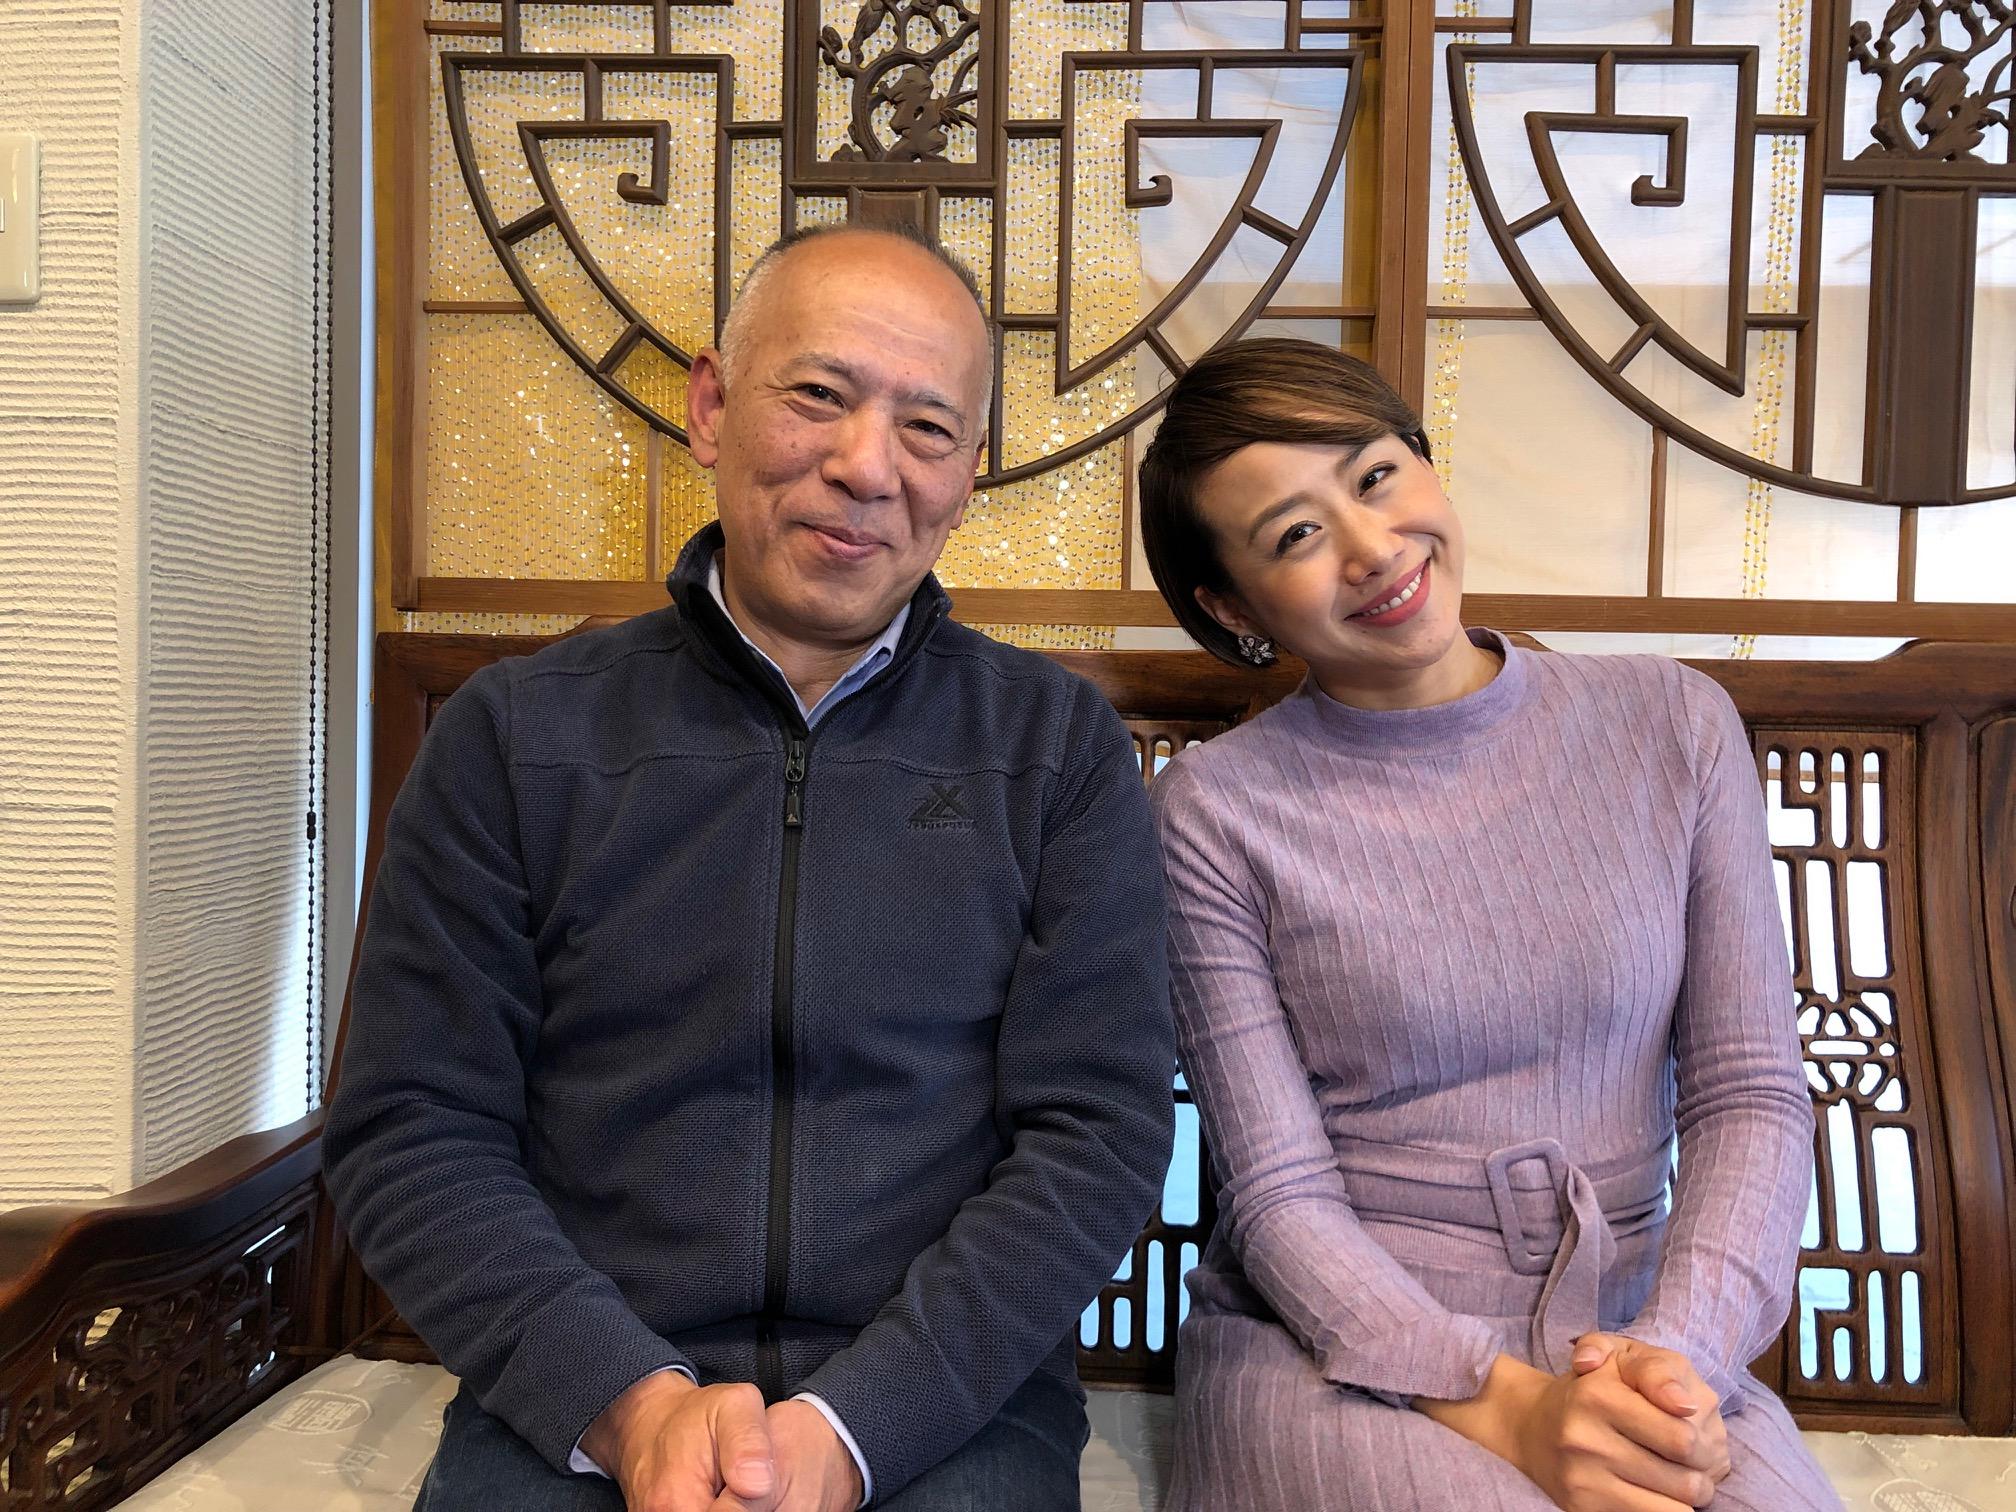 石川さん情報LIVEリフレッシュで「ぽかぽか癒しスポット」としてご紹介いただきました。アイキャッチ